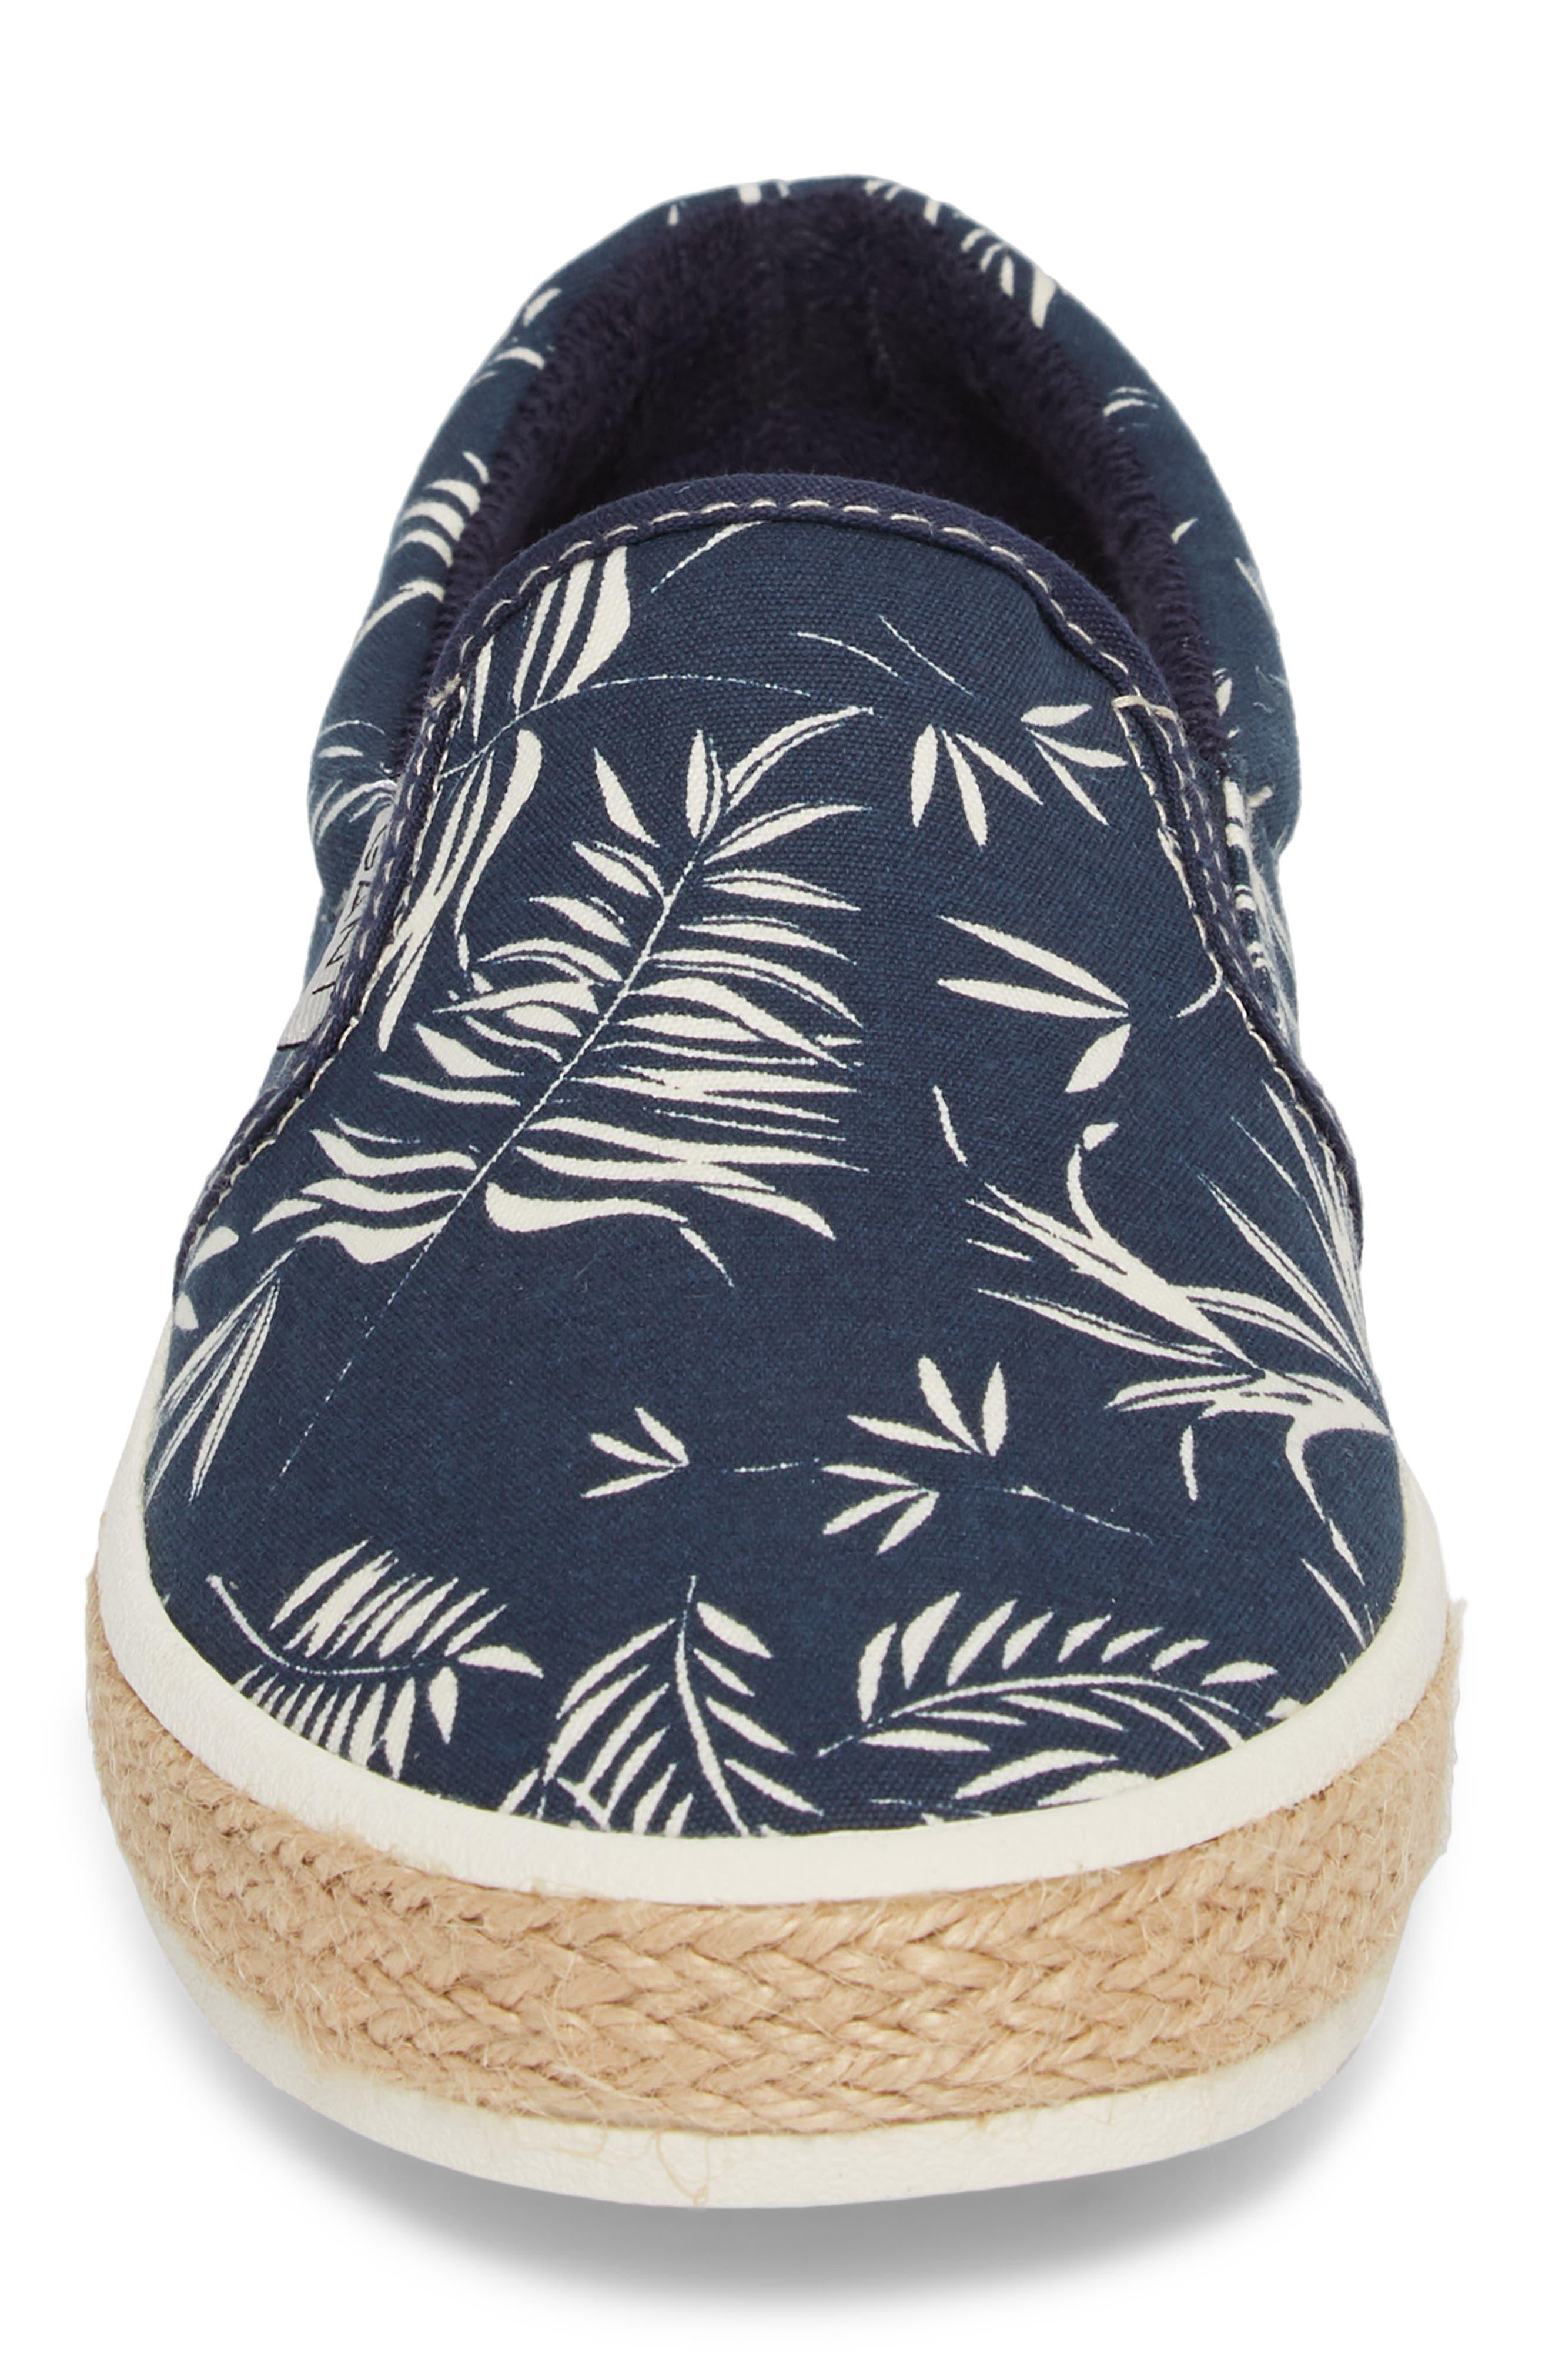 Master Espadrille Slip-On Sneaker,                             Alternate thumbnail 4, color,                             MULTI BLUE